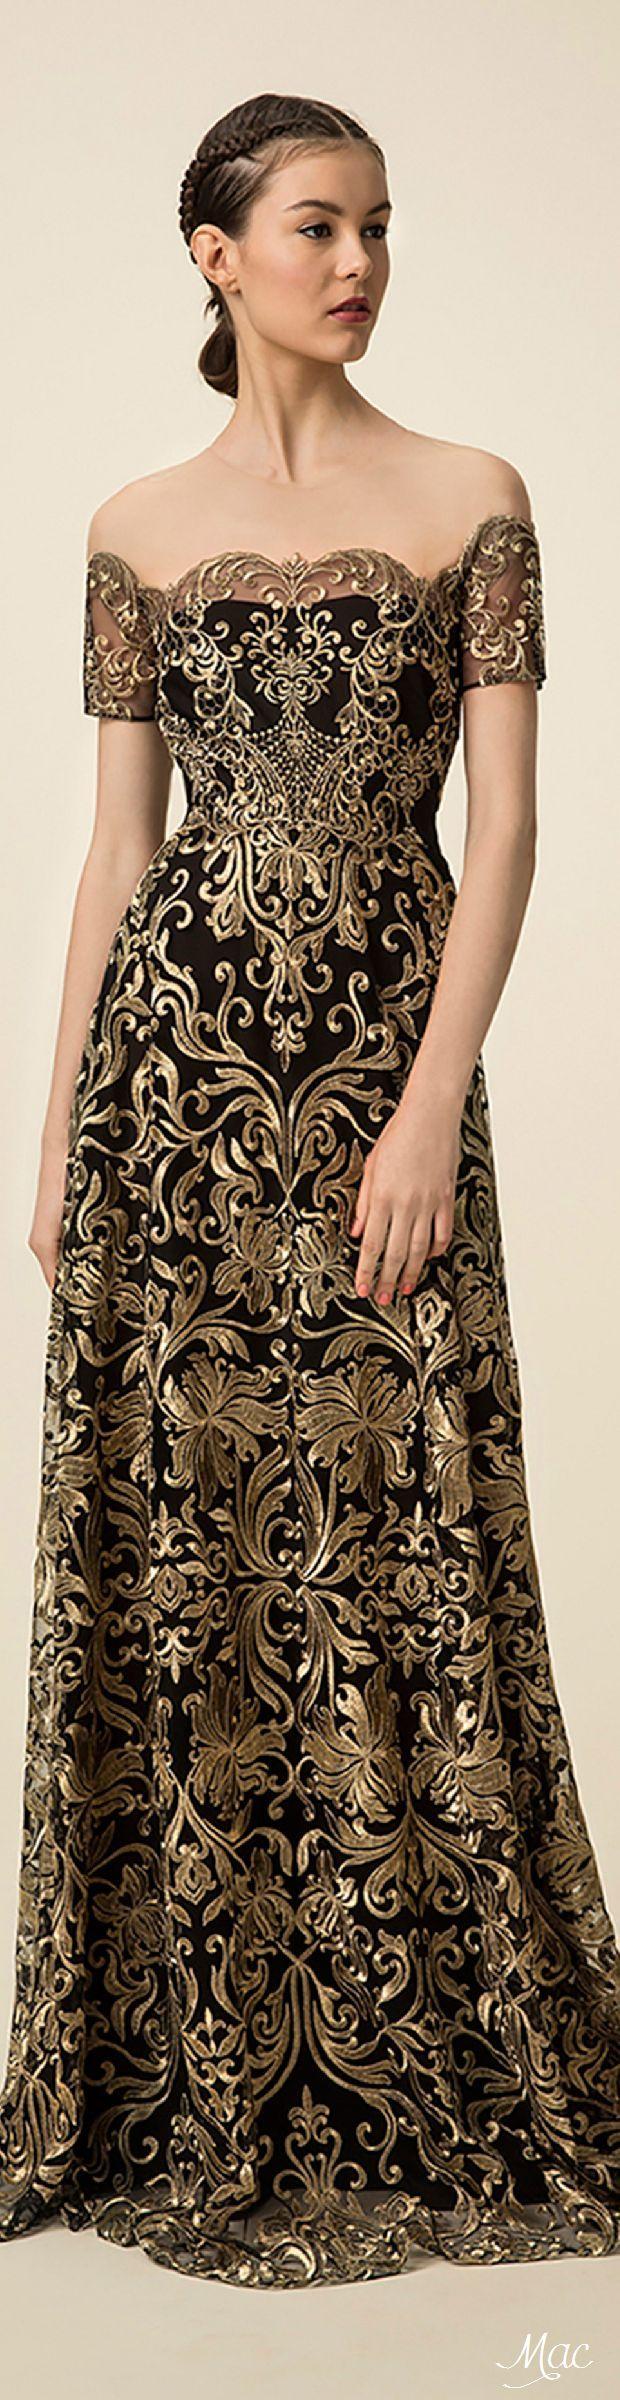 Baroque fashion Inspiration.